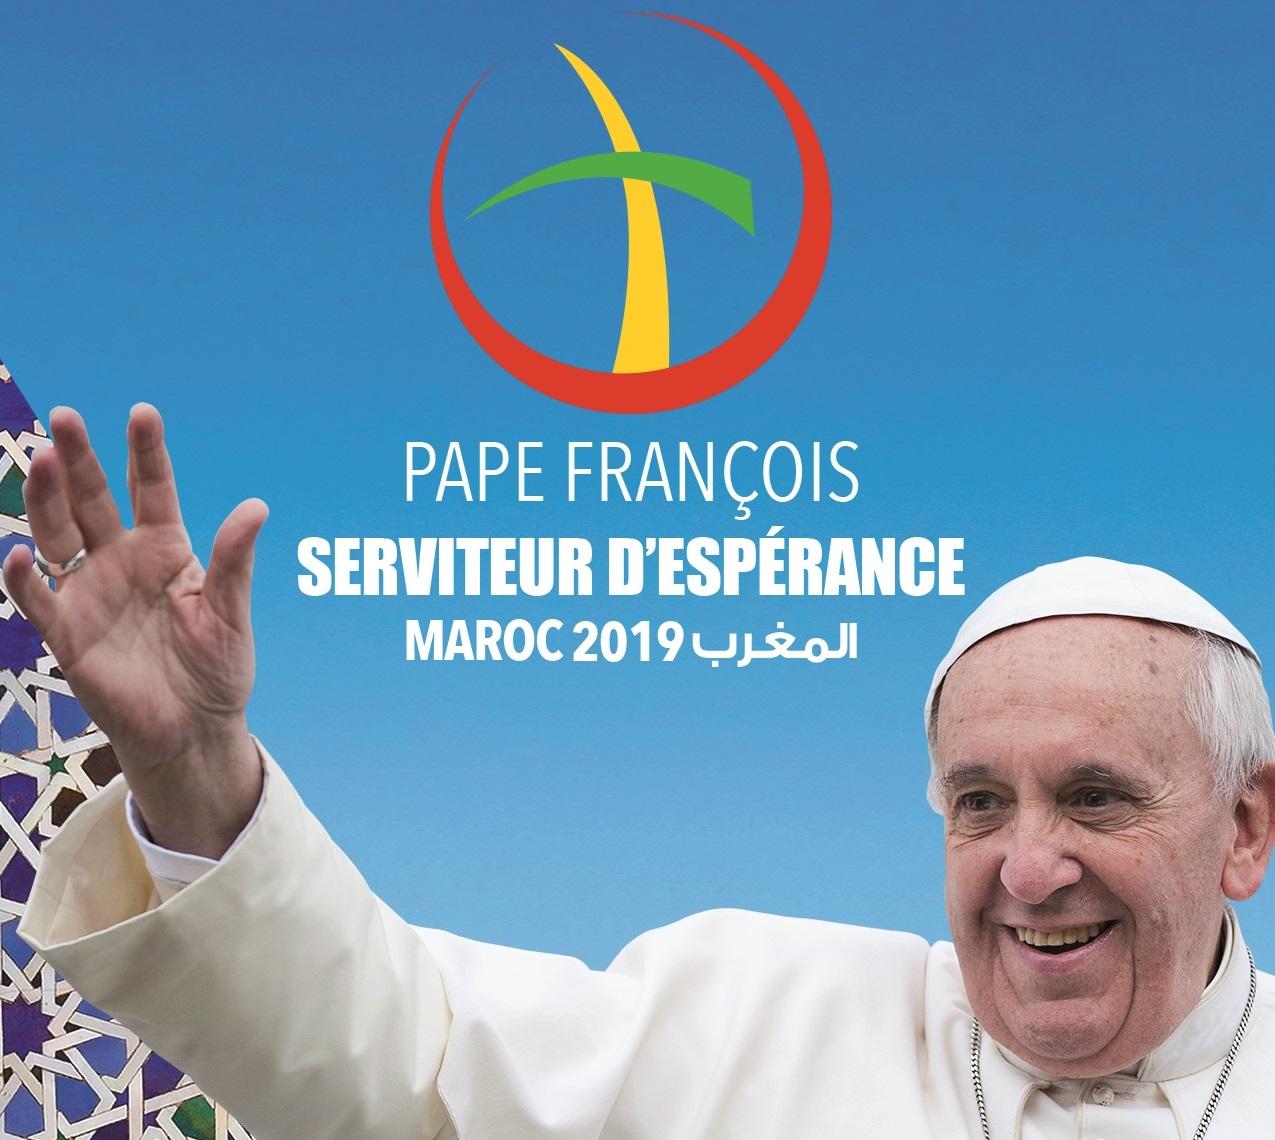 Serviteur d'espérance au Maroc. Affiche de la visite papale au Maroc